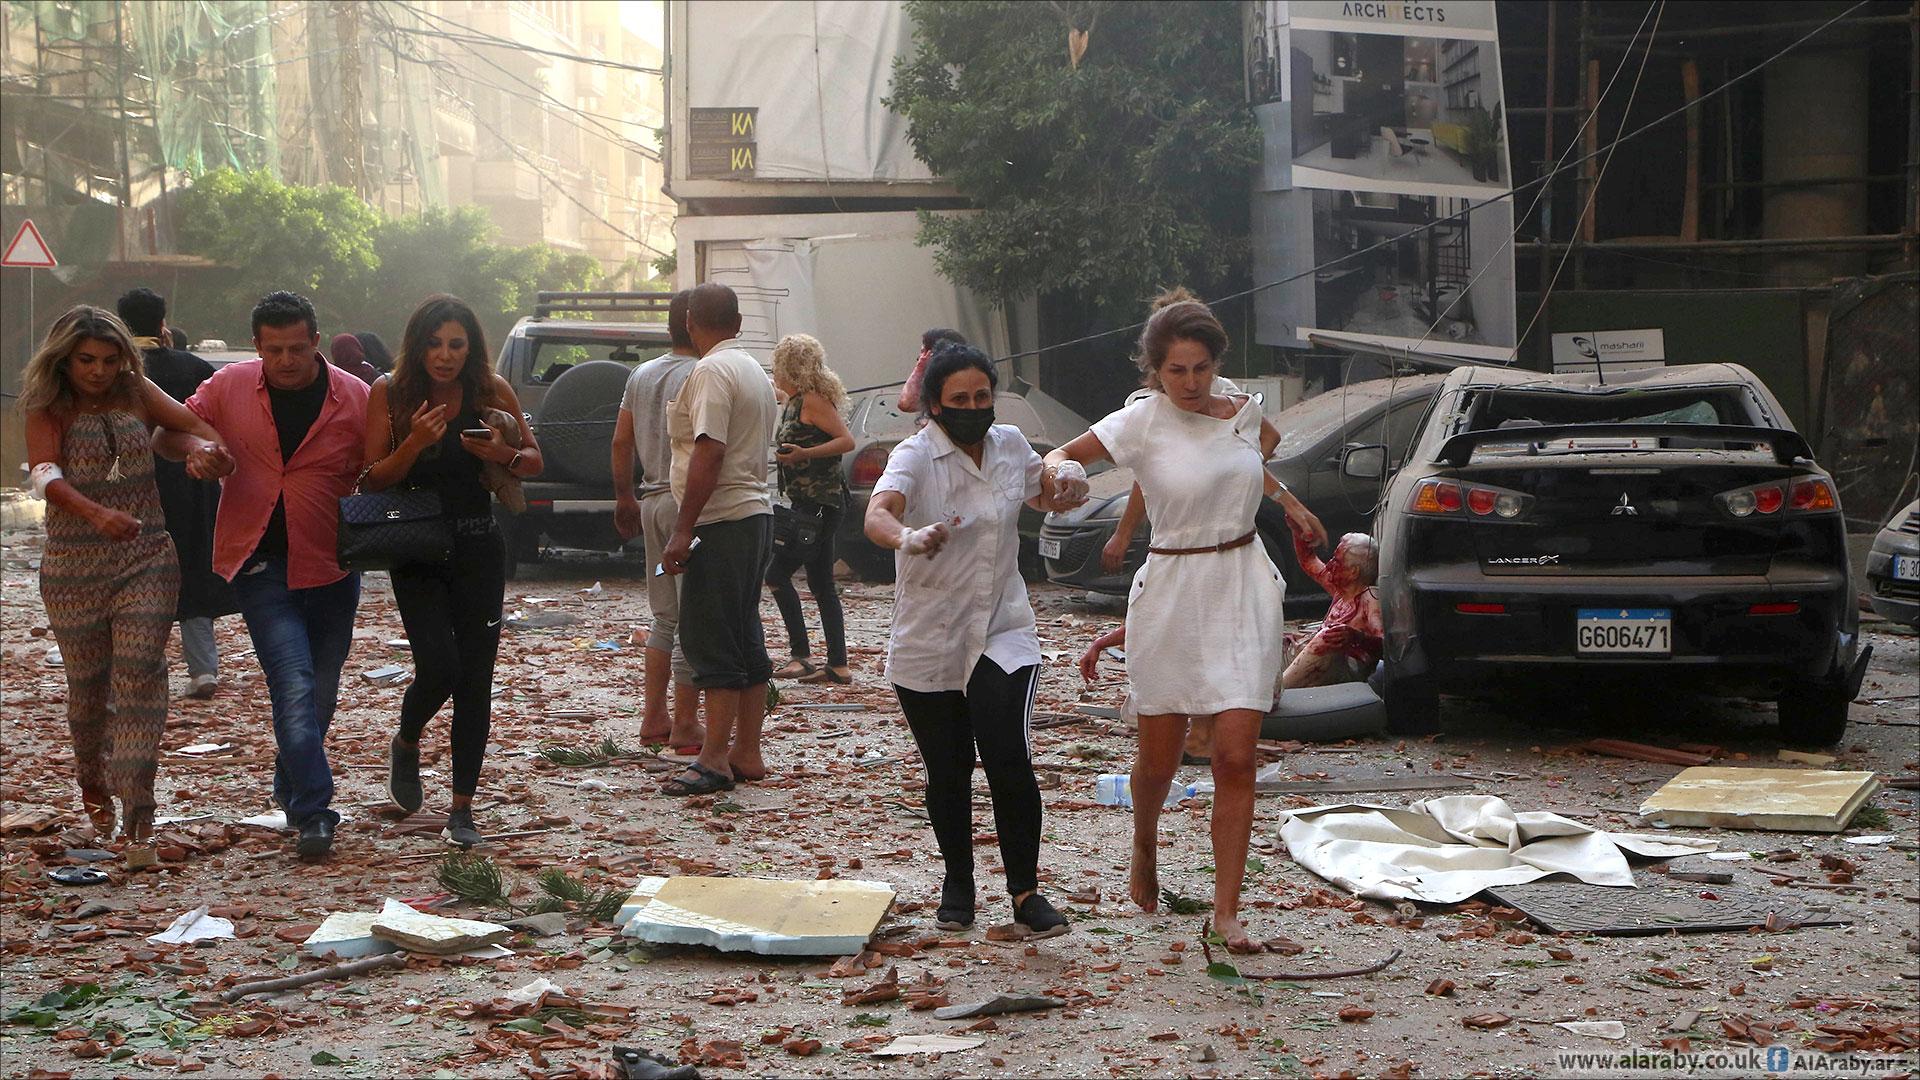 بيروت تستفيق على فاجعة المرفأ: عشرات القتلى وآلاف الجرحى ودمار واسع